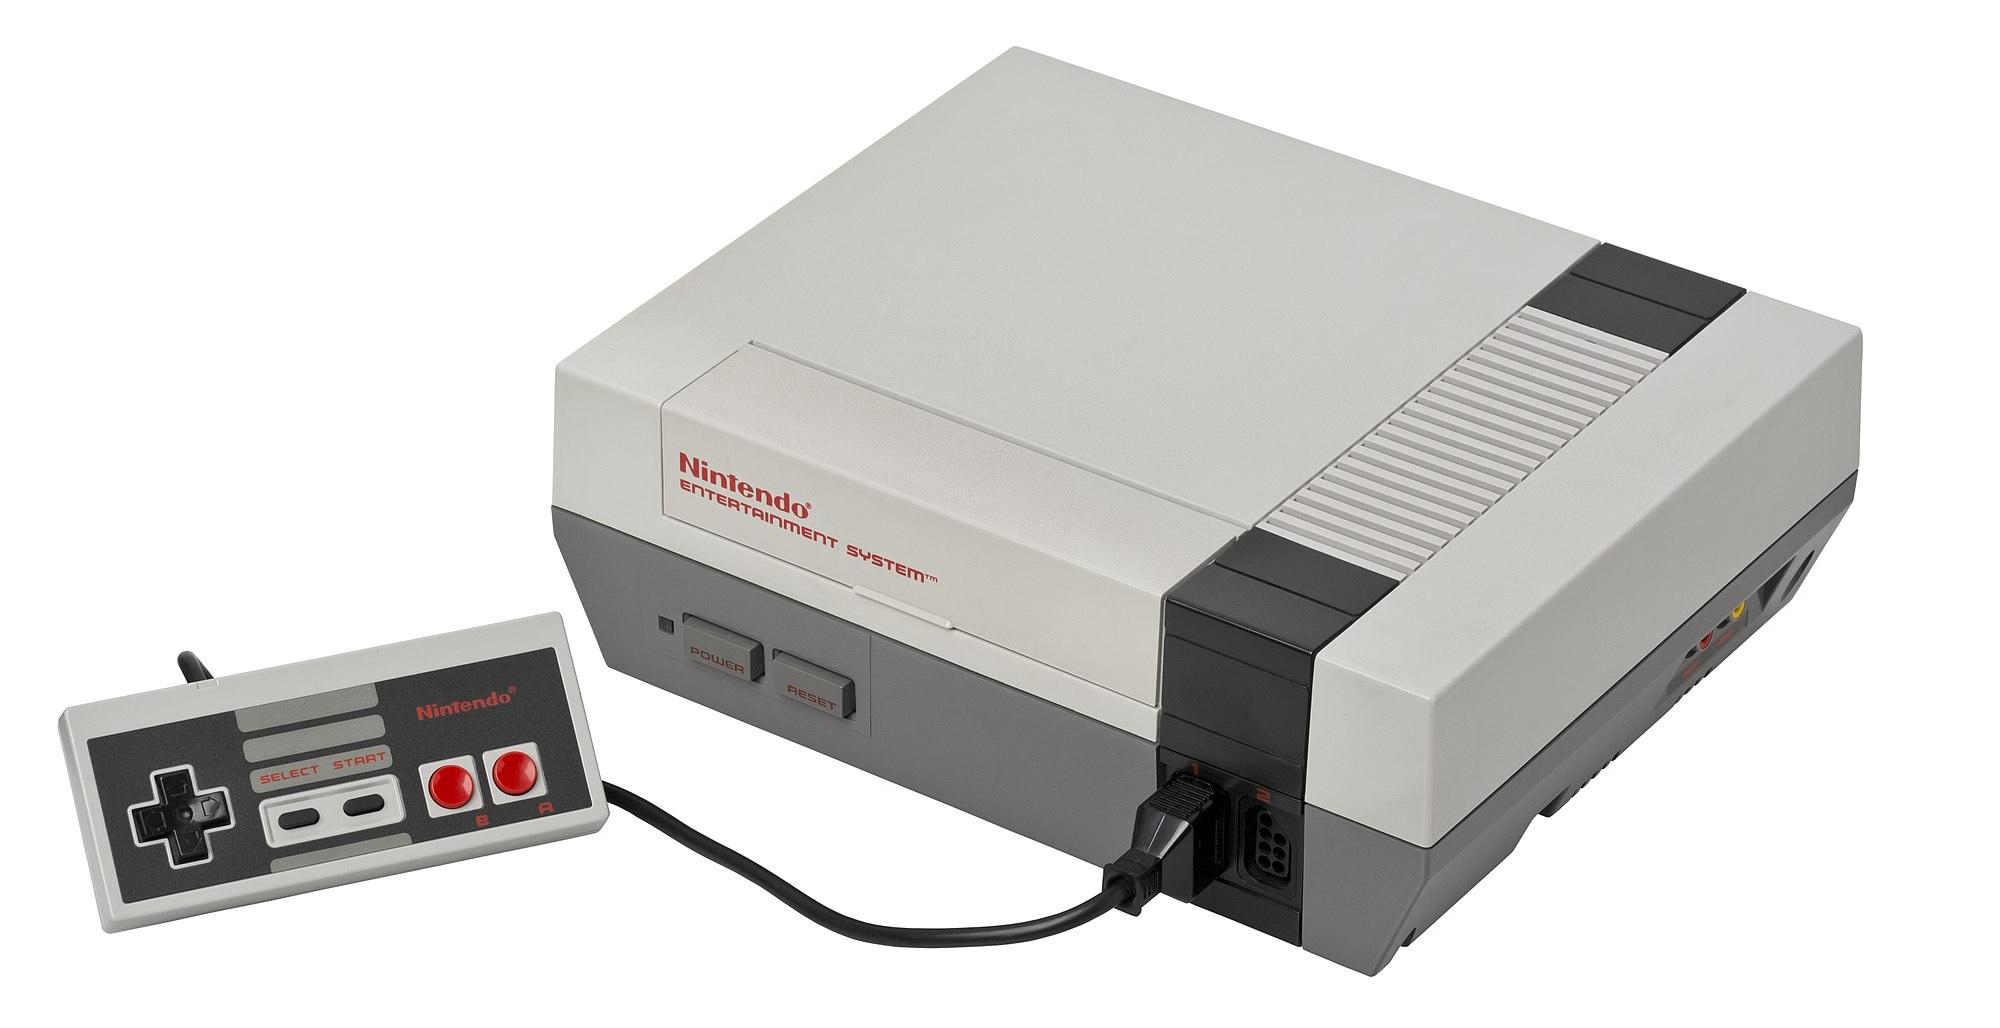 NES var den första spelkonsolen Nintendo fick succé med